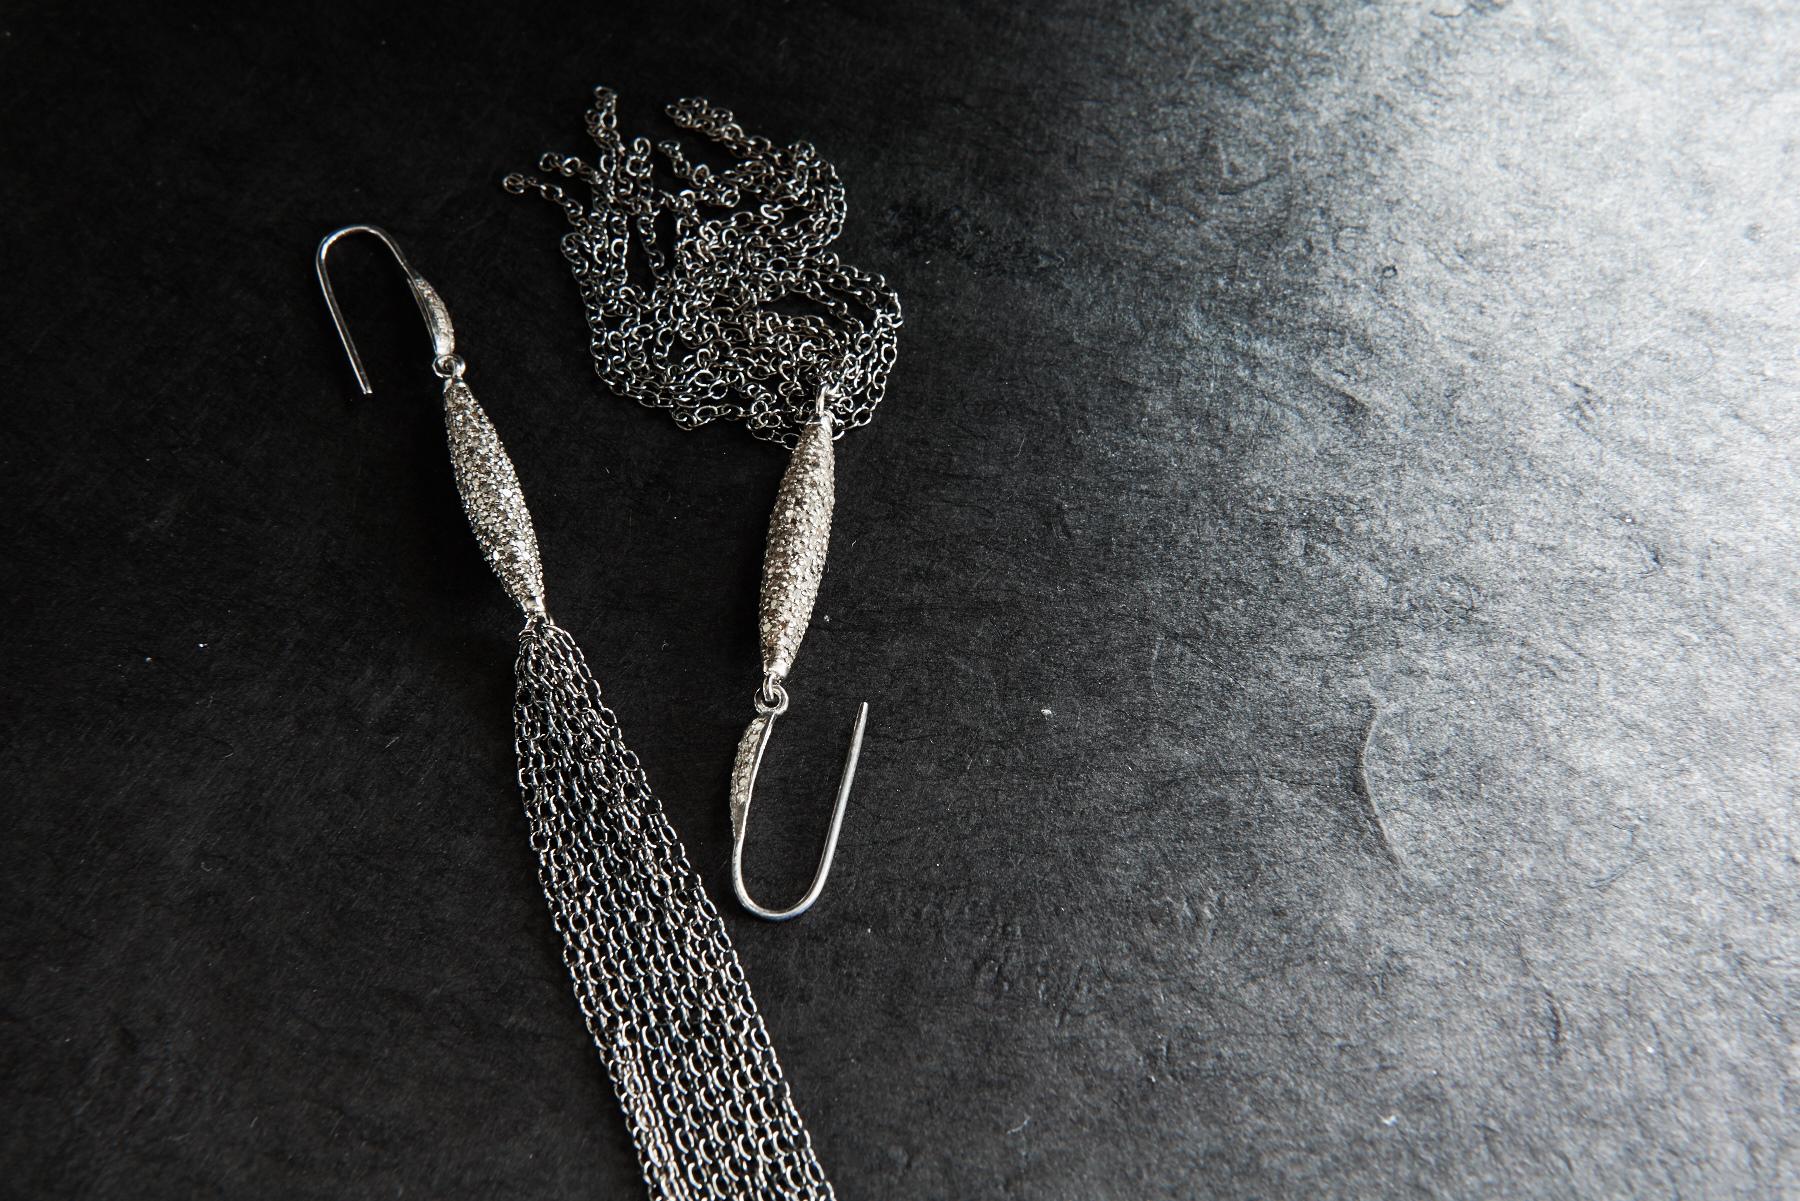 oval_earrings-still-123.jpg